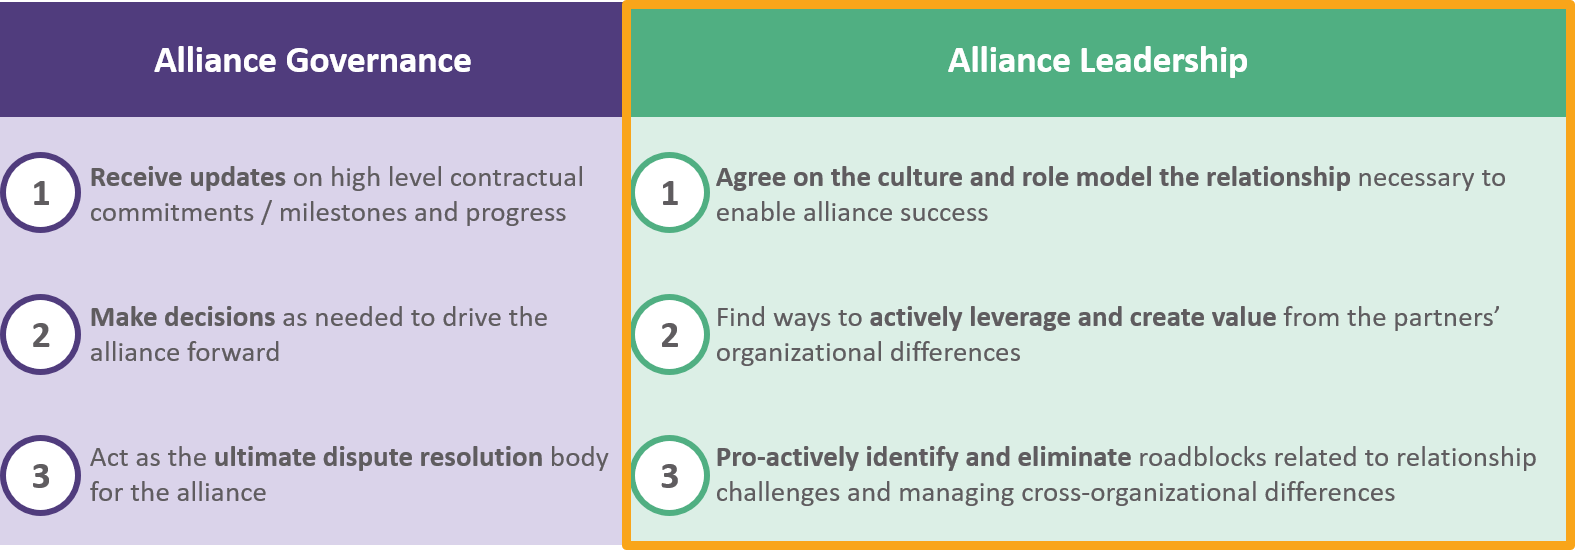 Alliance governance v alliance leadership